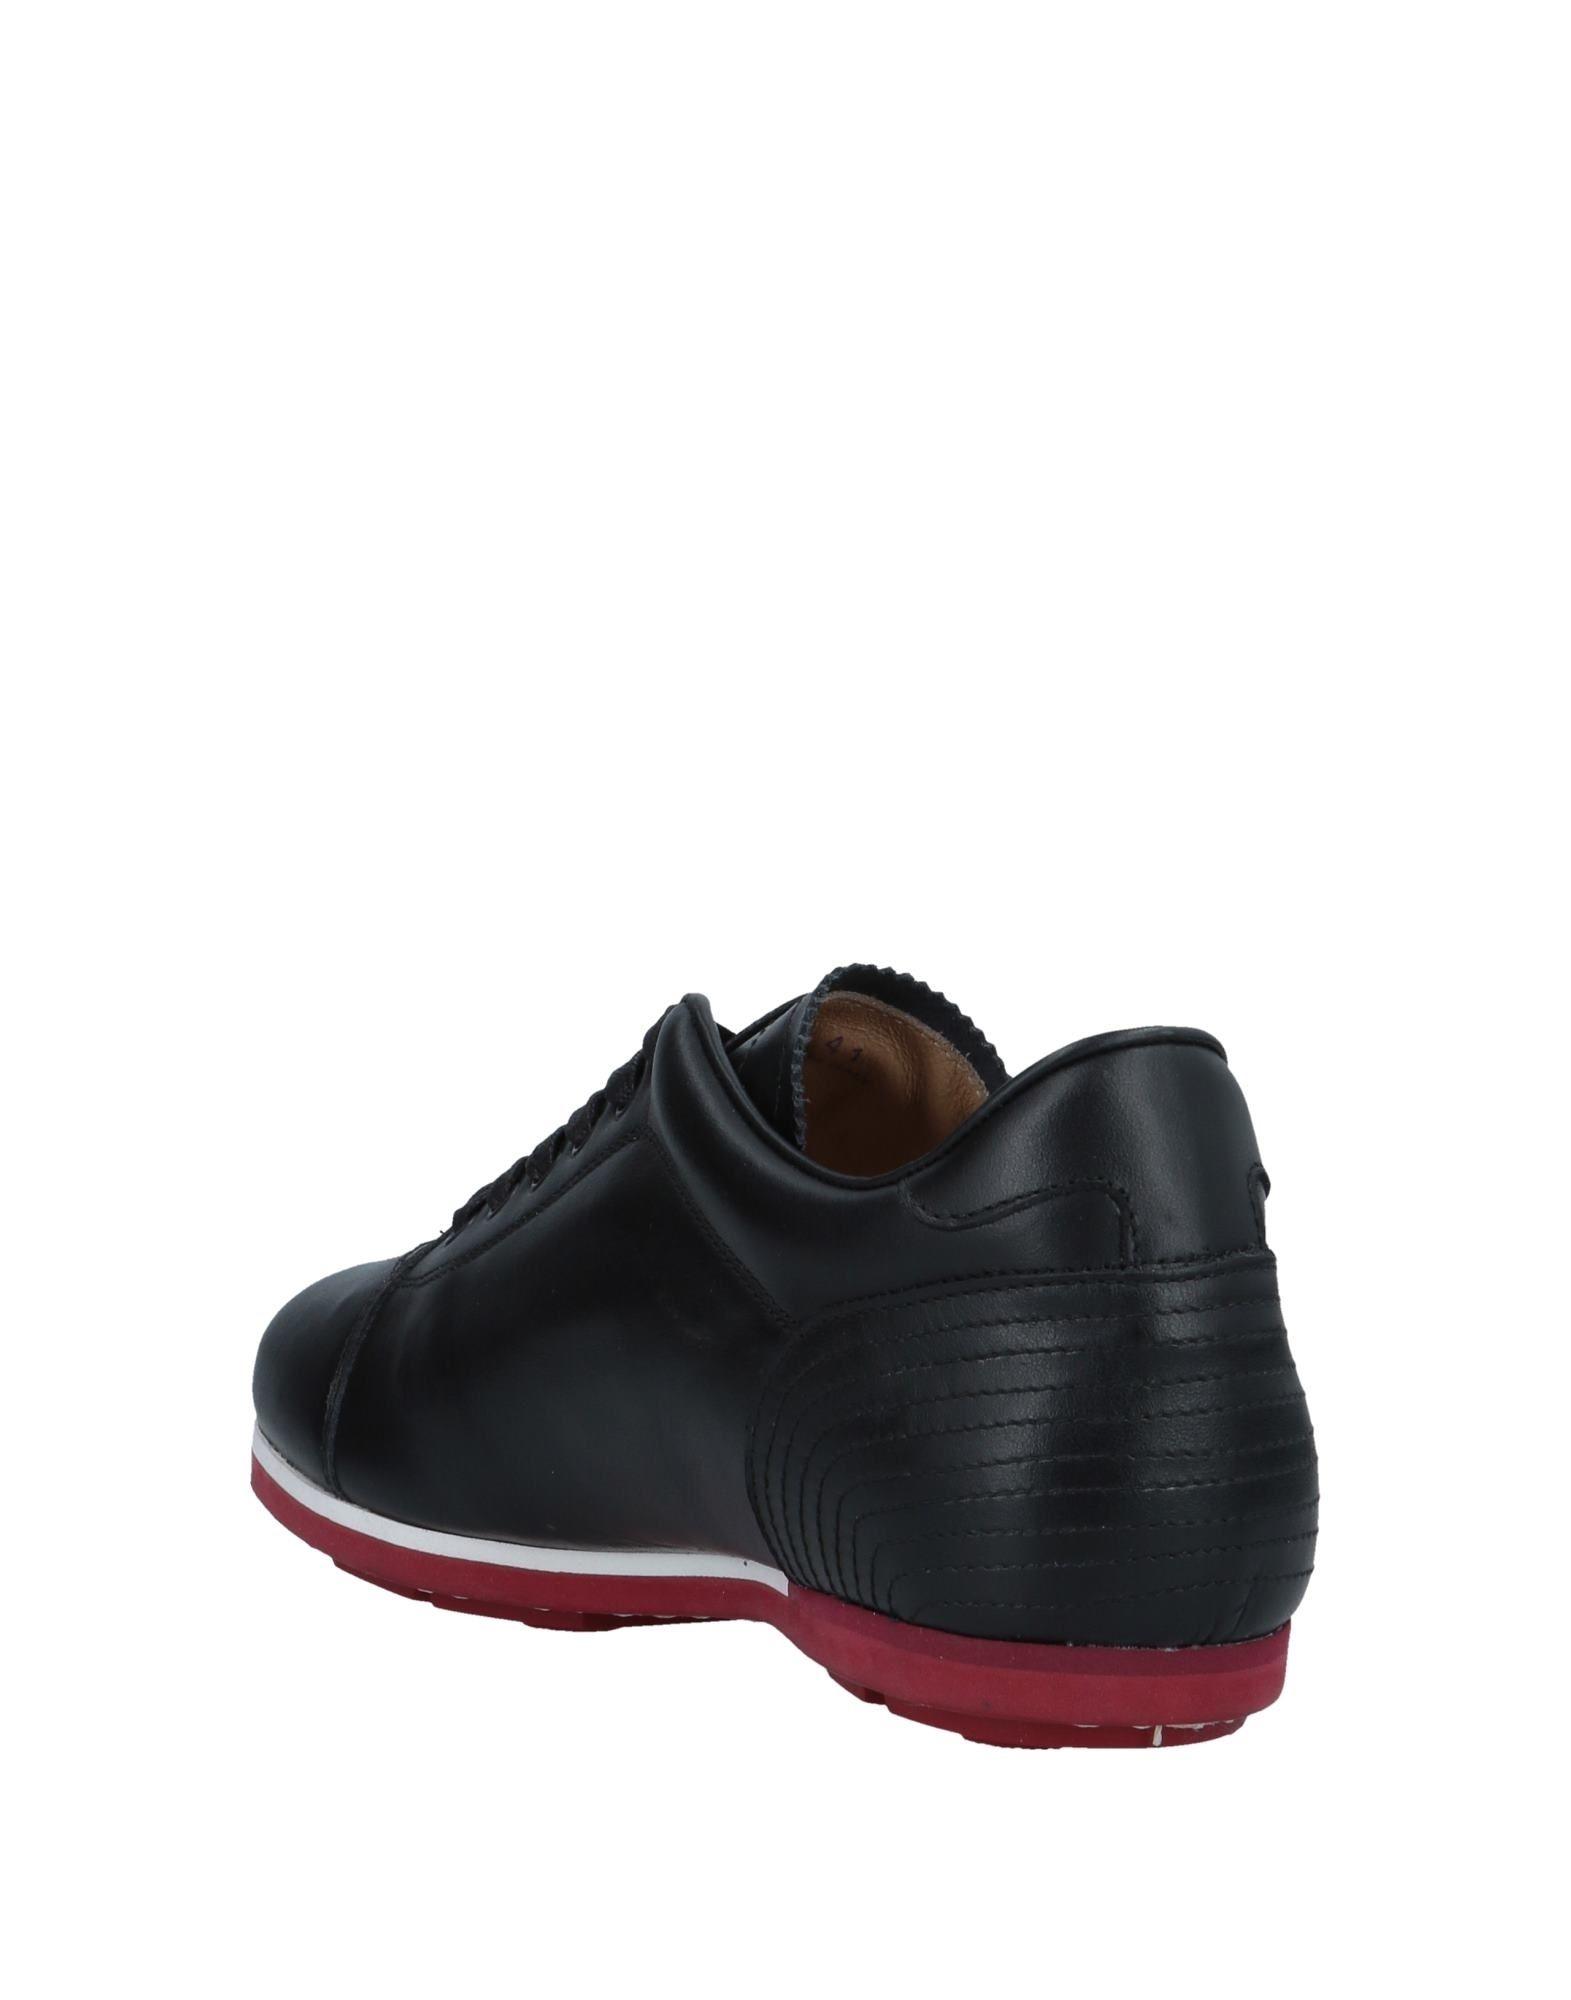 Pantofola D'oro Sneakers - - - Men Pantofola D'oro Sneakers online on  Australia - 11582110MW e87eaa